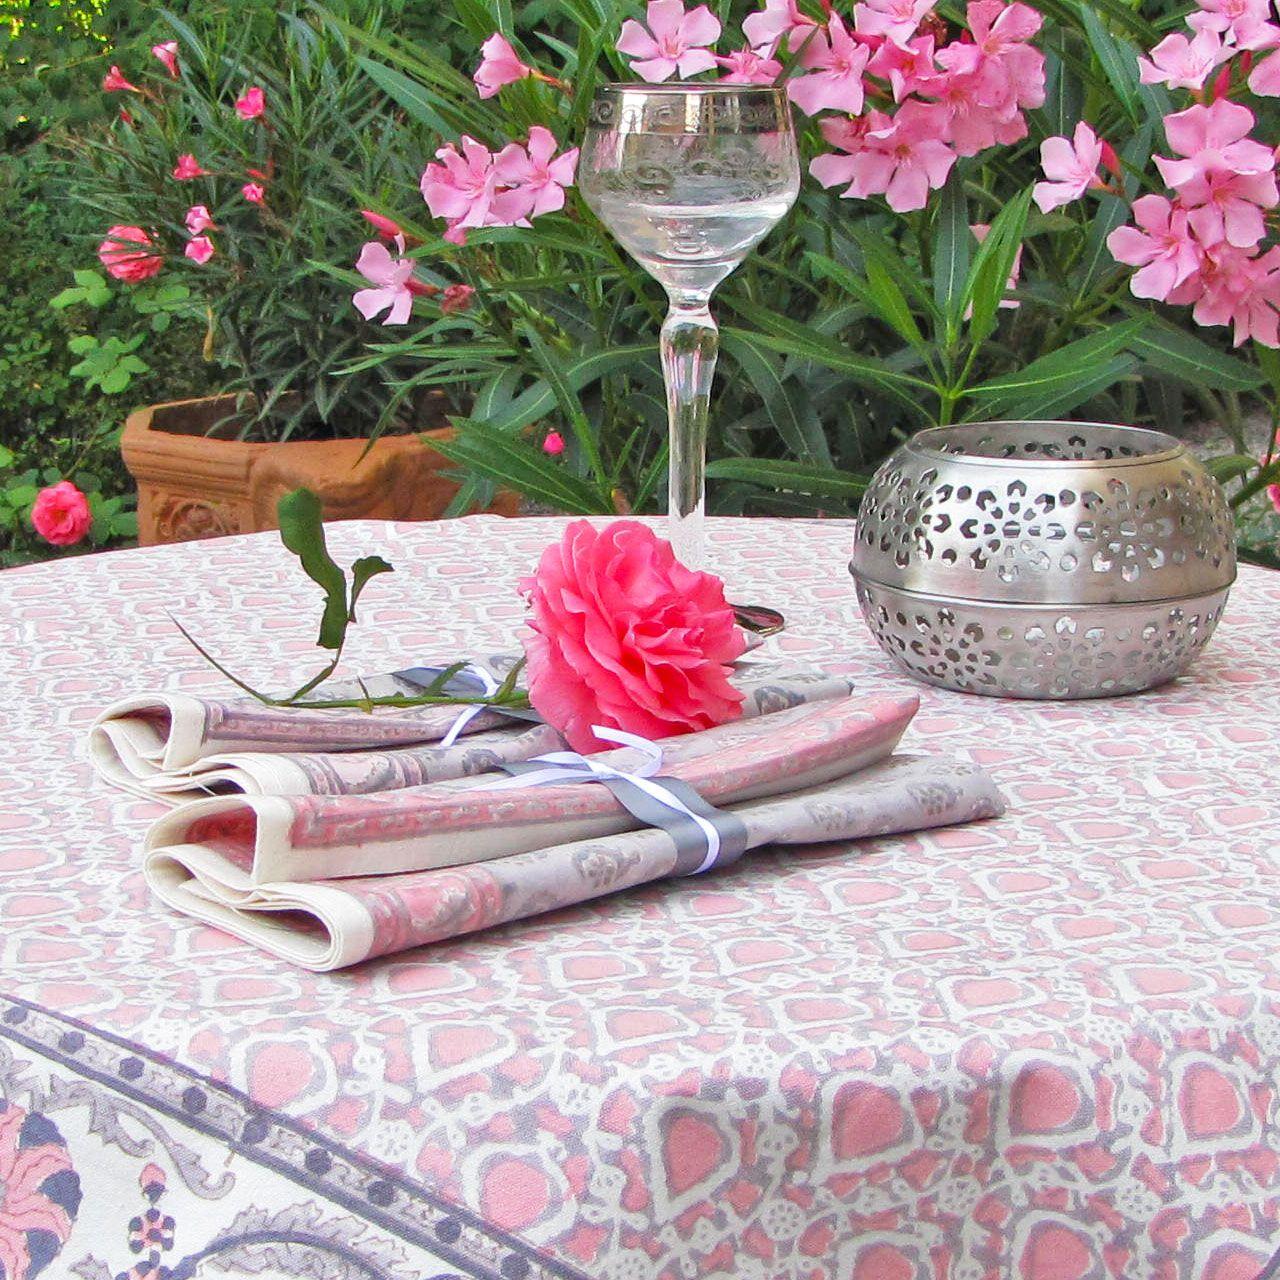 Tischdecke Blockprint, Textilmanufaktur MASASO, Fairtrade, Handarbeit, Stempeldruck, Kollektion Dornröschen, Farbe Pantone Rose Quarz